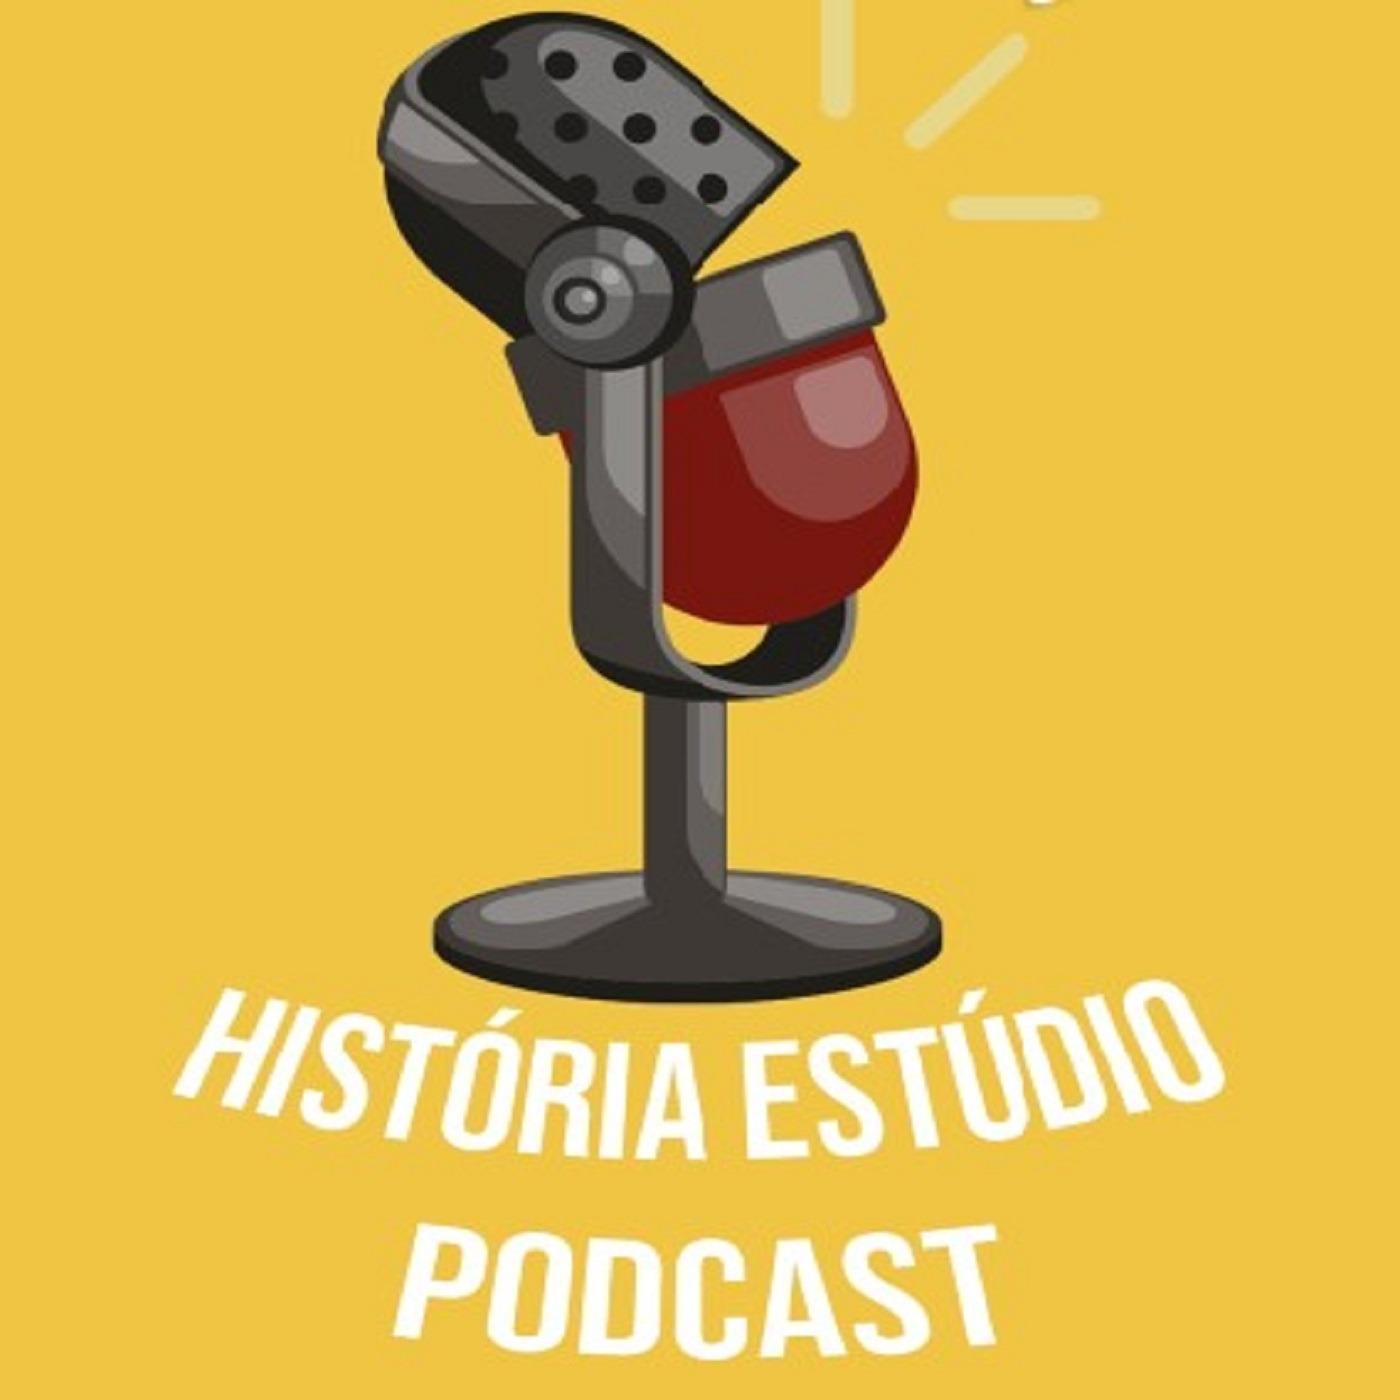 História Estúdio Podcast